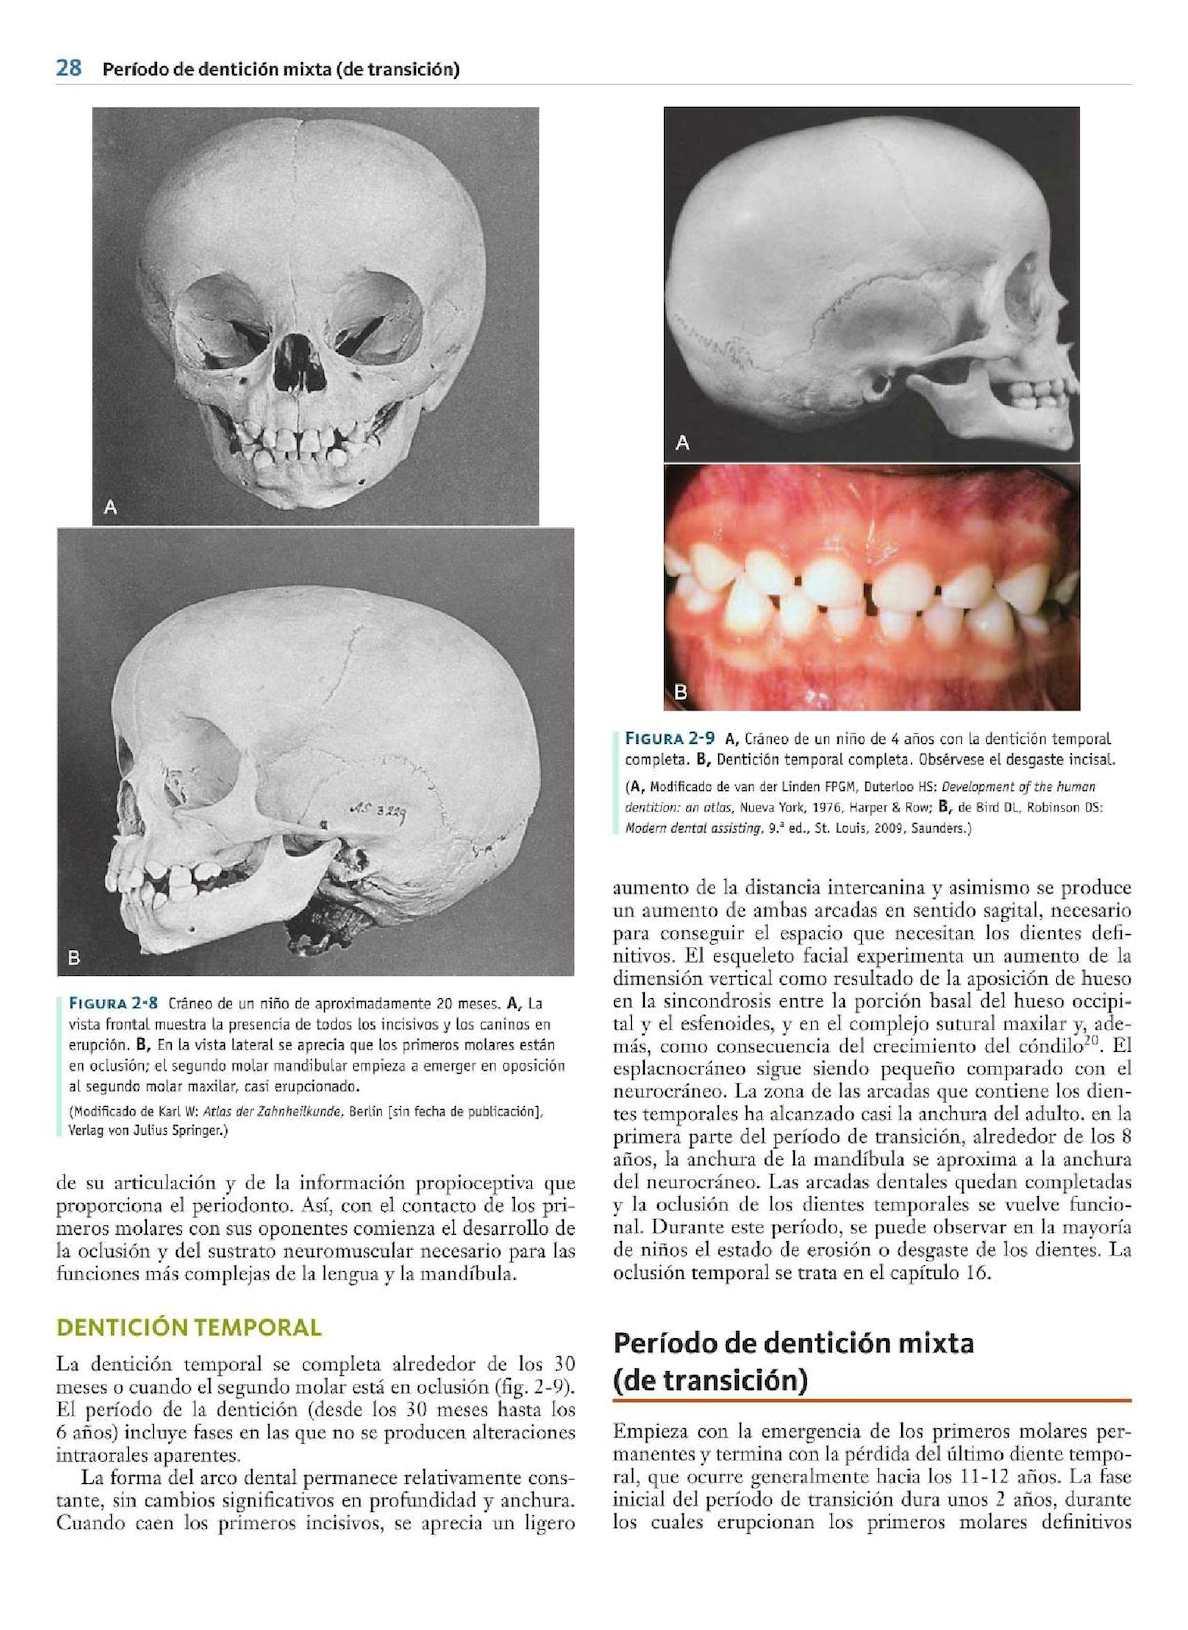 Increíble Anatomía Molar Mandibular Ilustración - Imágenes de ...